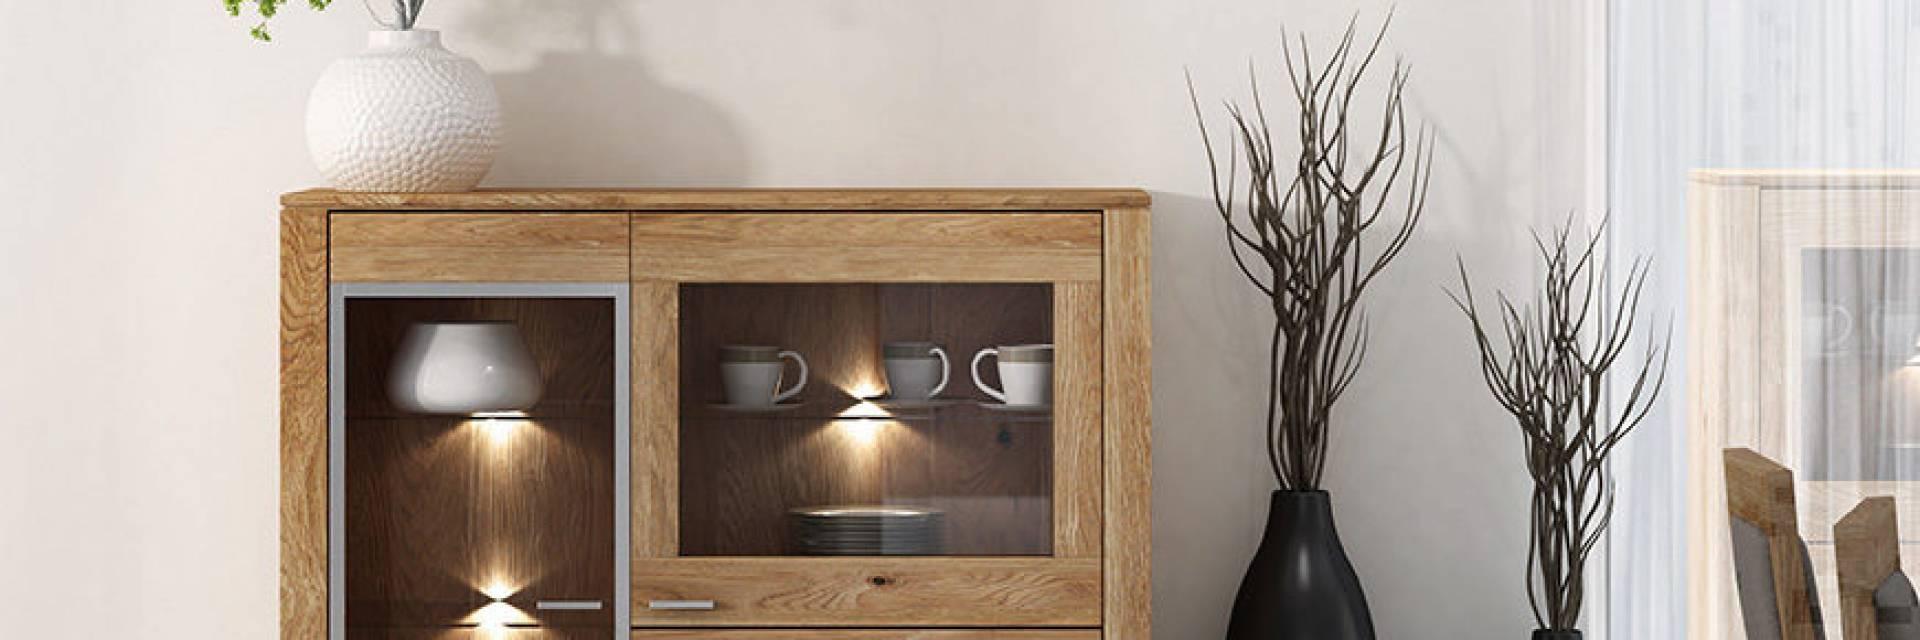 Kolekcja Mebli Chantal z Litego Drewna